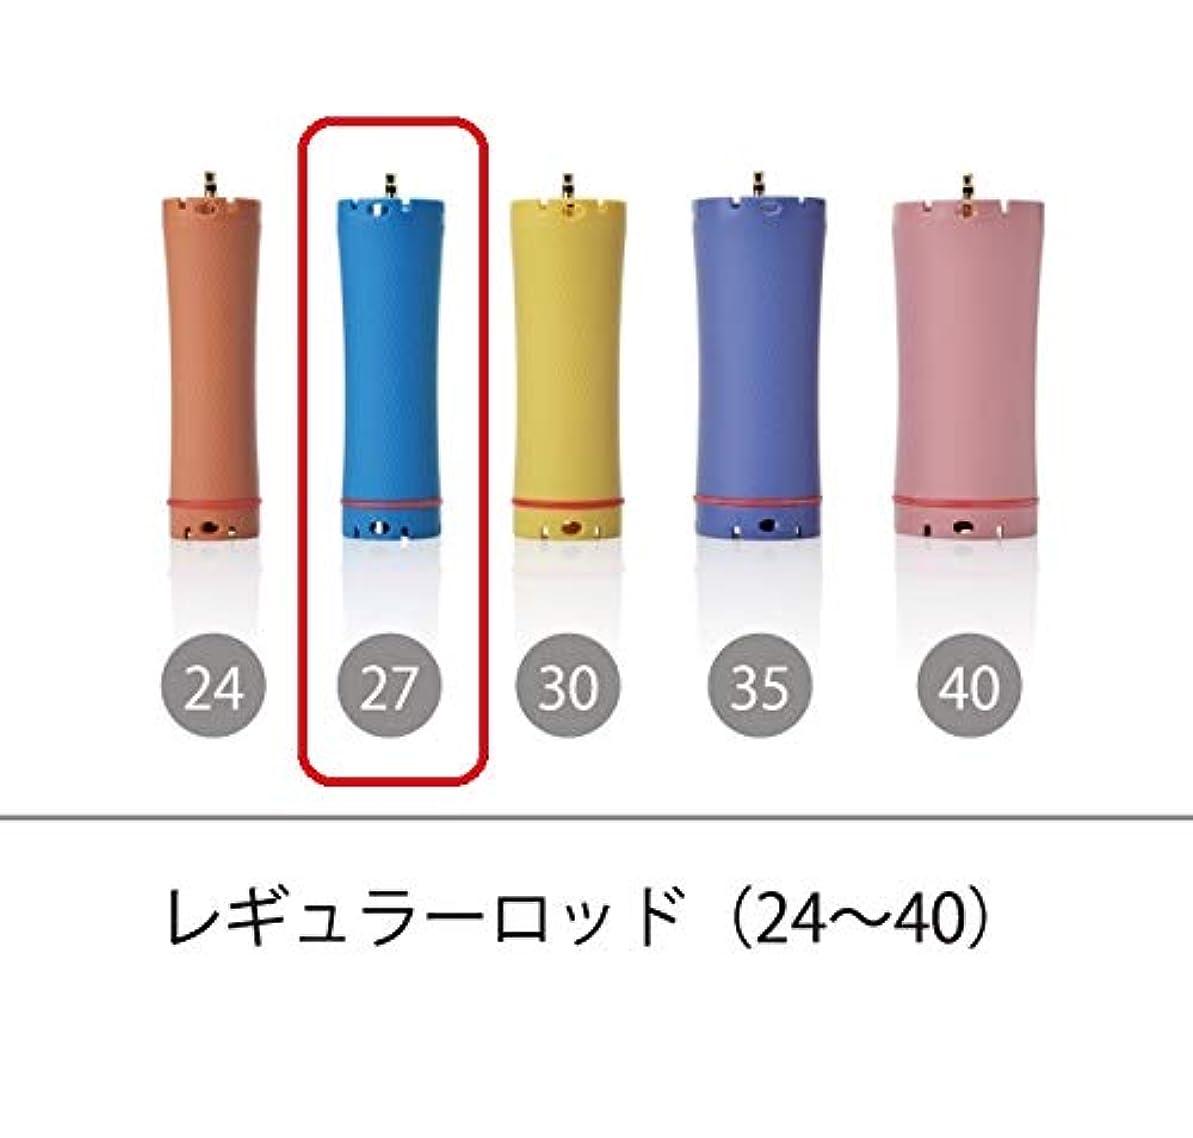 叱る群集コアソキウス 専用ロッド レギュラーロッド 27mm